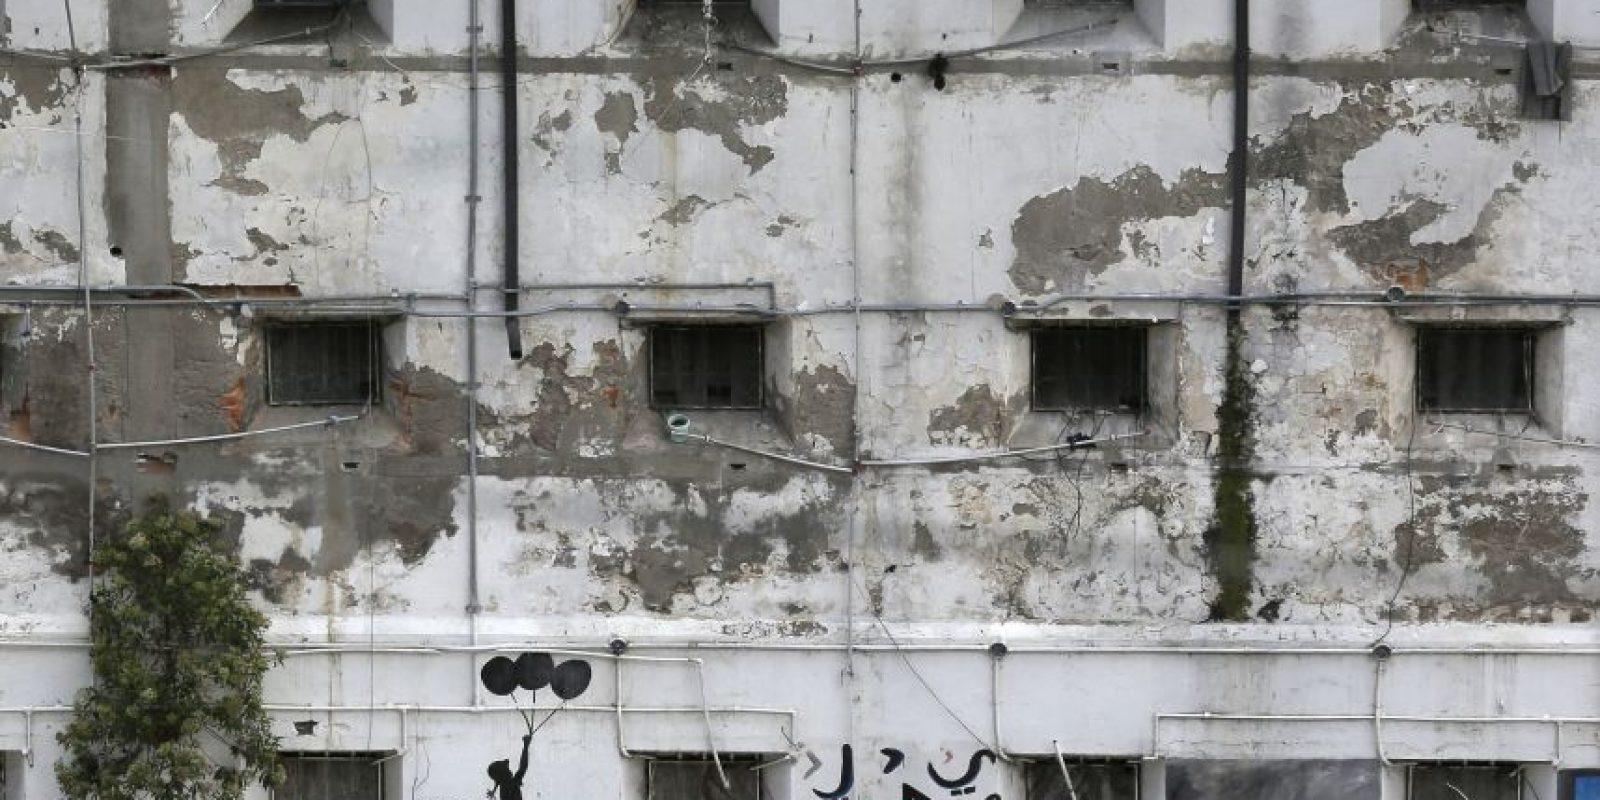 Esta fotografía del 9 de abril de 2015 muestras las ventanas de las celdas hacia el patio interior de la Prisión García Moreno, ahora abandonada, durante una visita guiada al público en Quito, Ecuador. El destino del edificio aún está por decidirse, pero las autoridades han dicho que revisan la posibilidad de convertir la antigua cárcel situada en el corazón de la ciudad en un hotel de lujo. Otra propuesta contempla la posibilidad de convertirla en museo. Foto:AP/ Dolores Ochoa